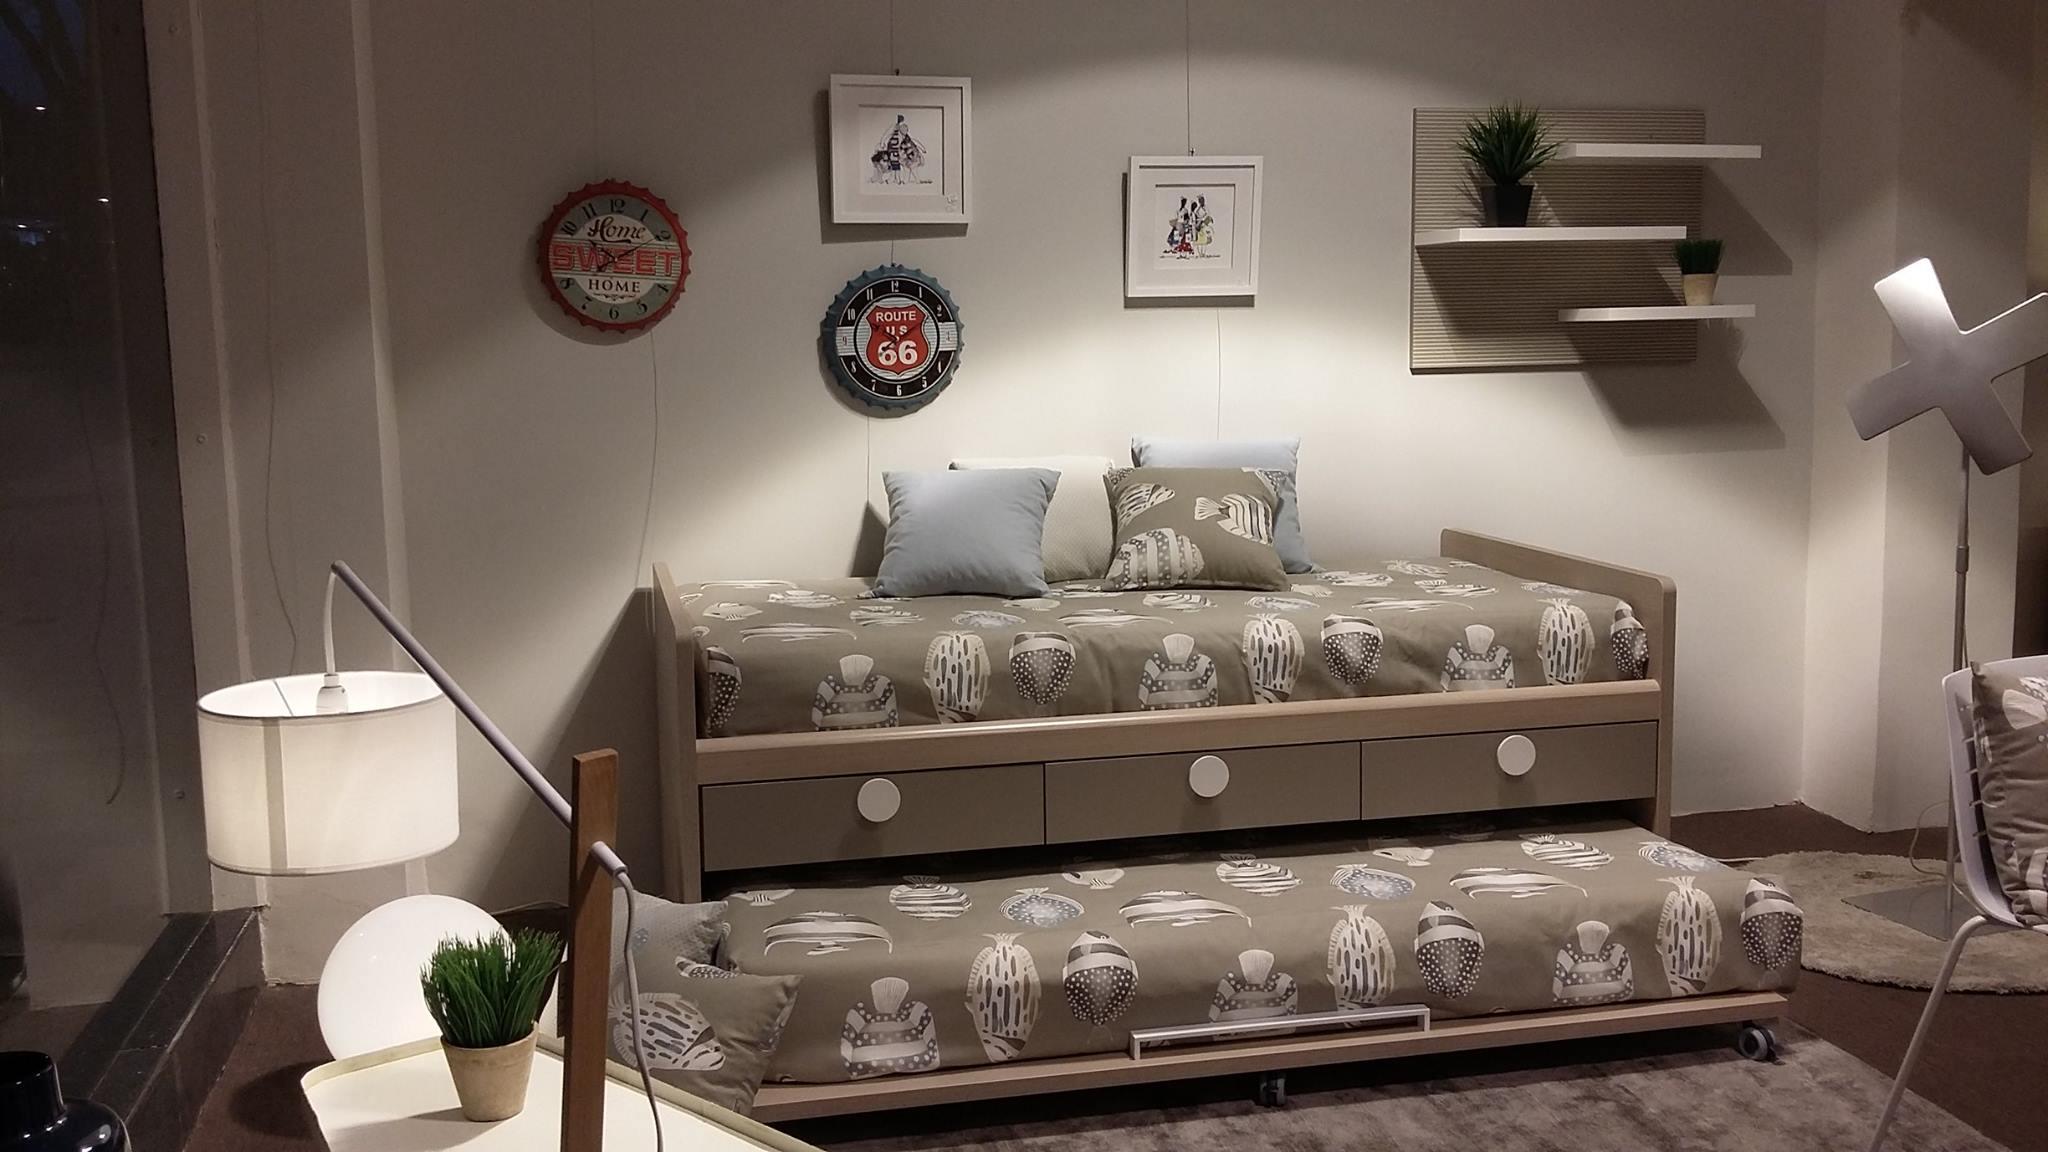 Muebles bidasoa en irun vende dormitorios juveniles for Muebles para dormitorios juveniles modernos